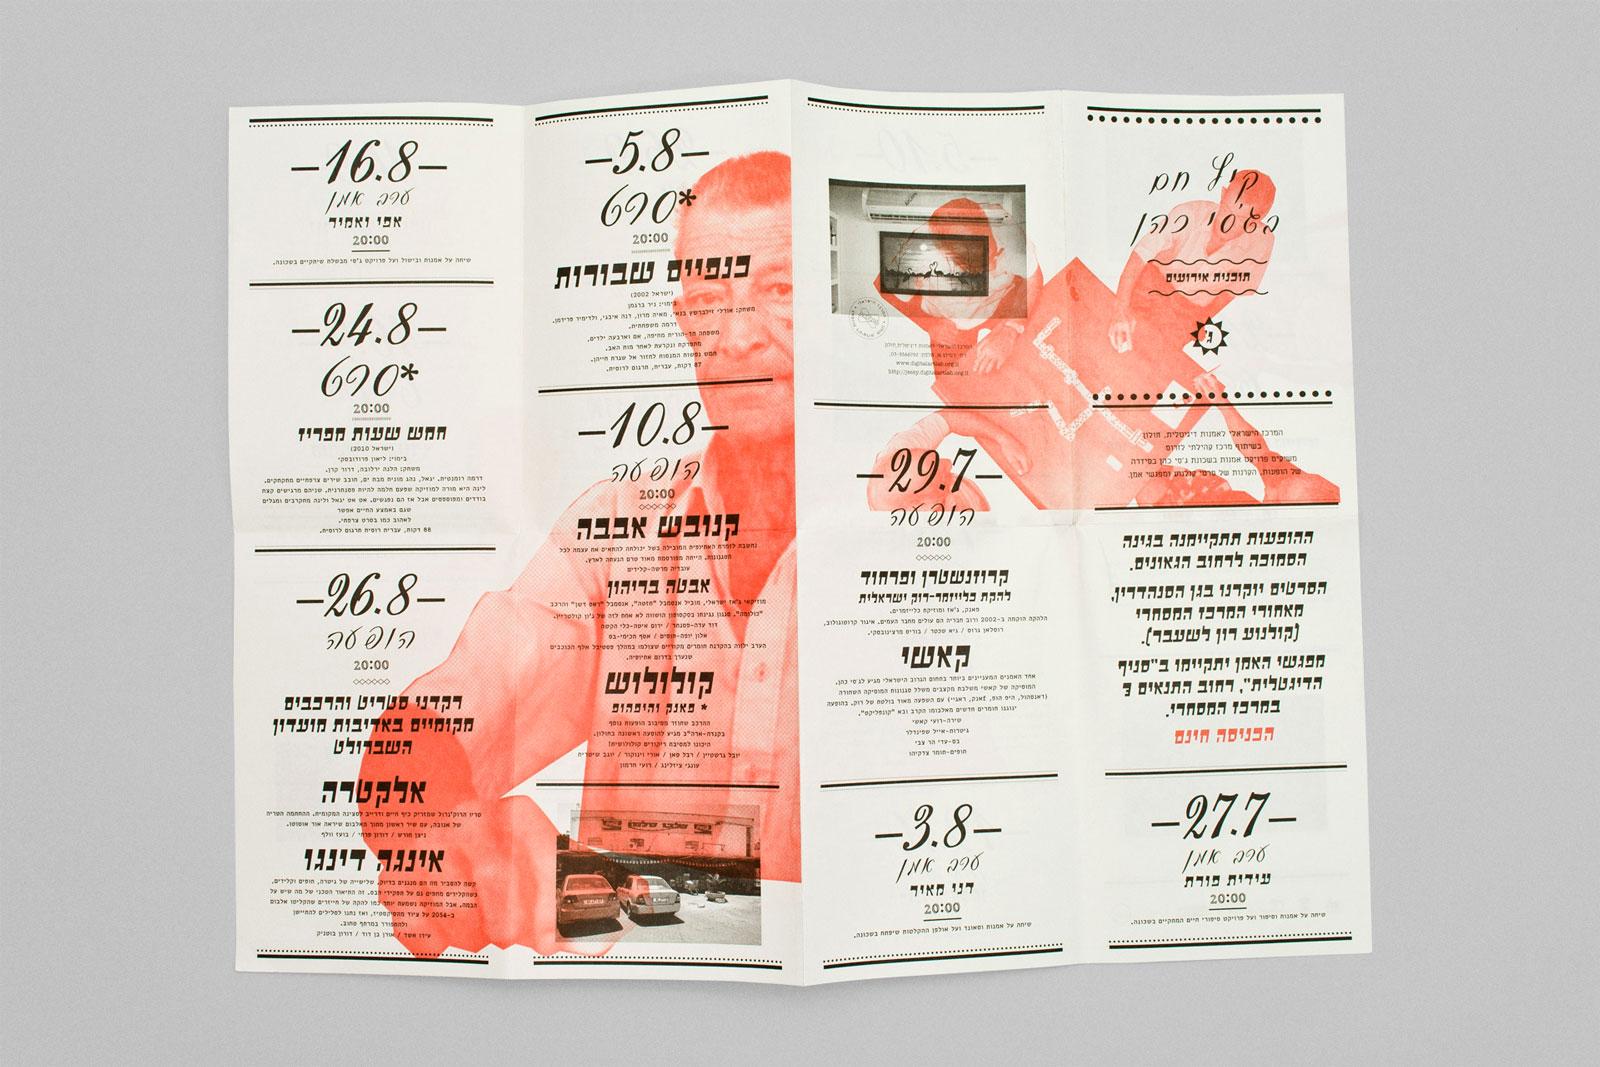 jessi catalog